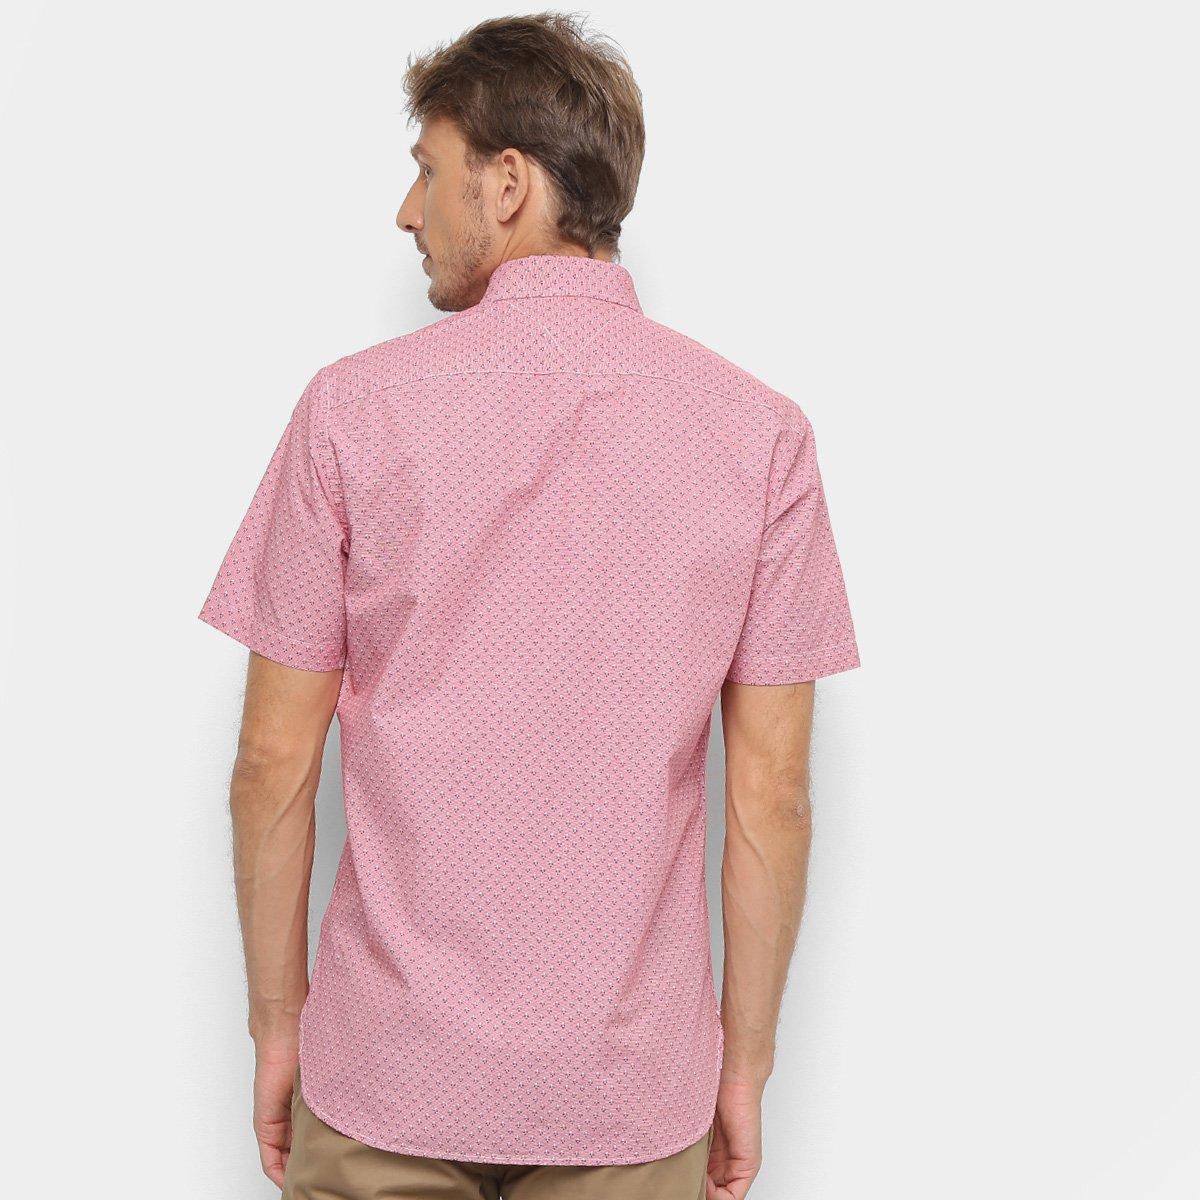 Foto 2 - Camisa Tommy Hilfiger EC Printed Houndstoo Masculina